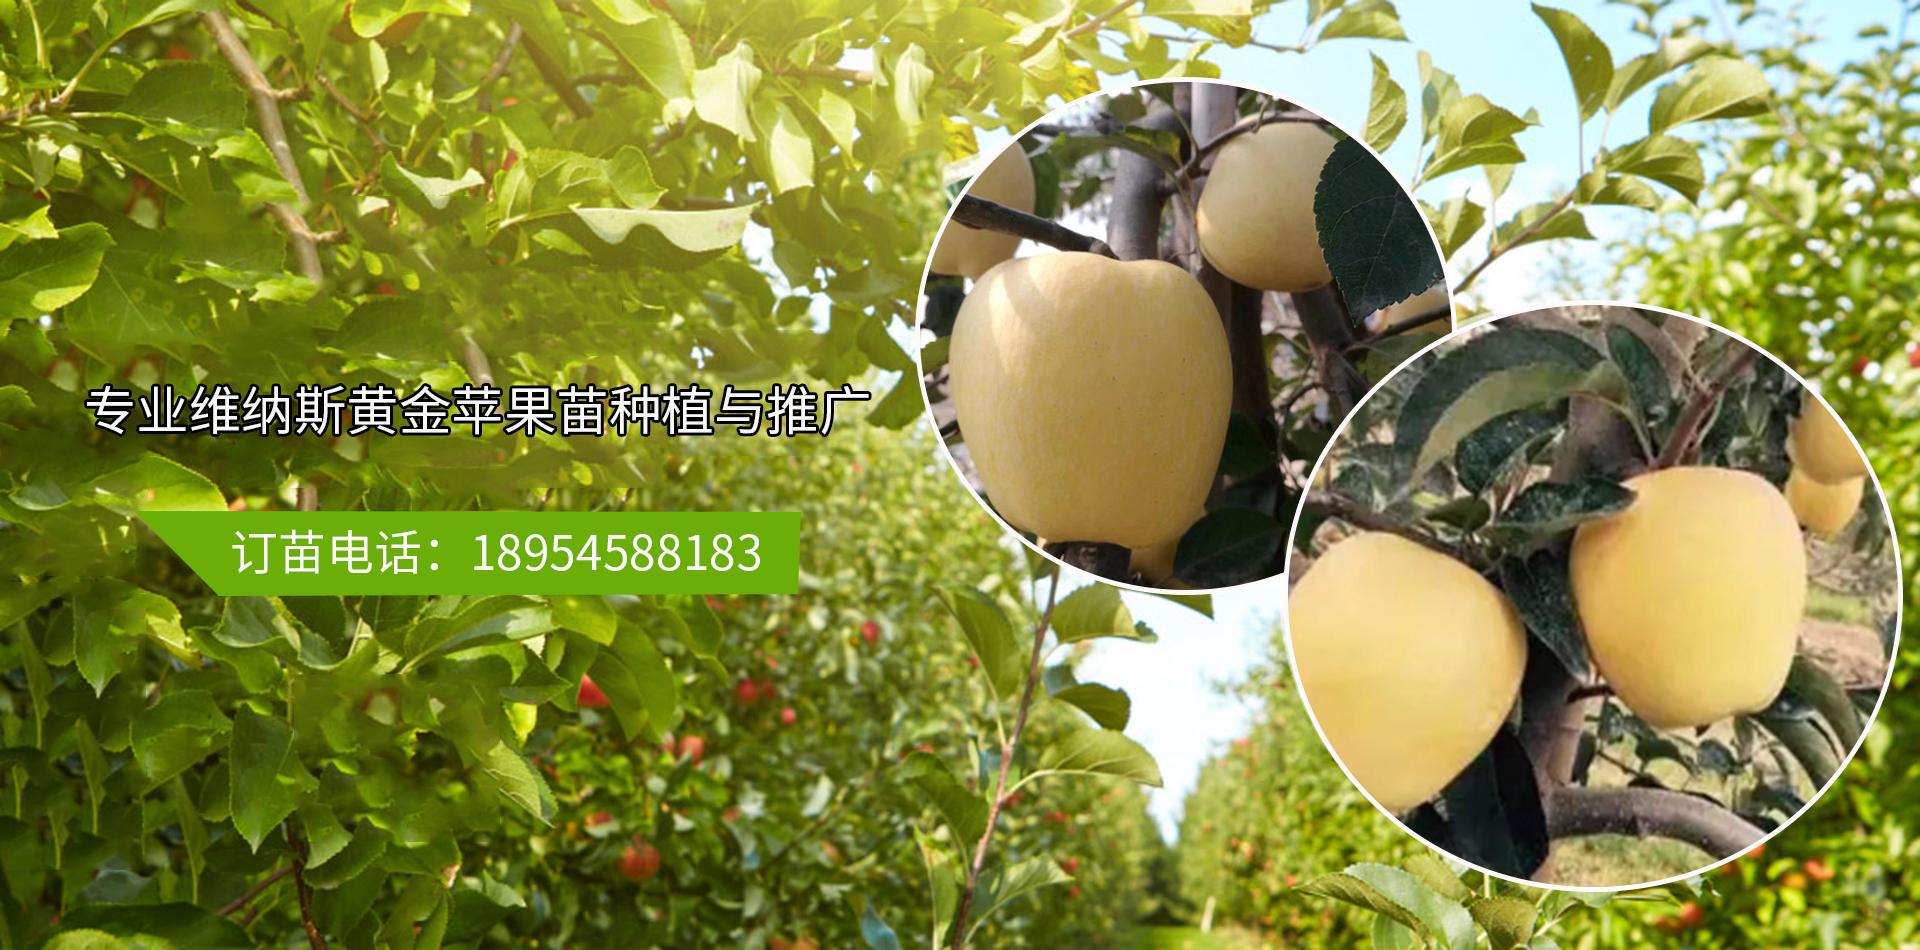 香蜜杏树苗